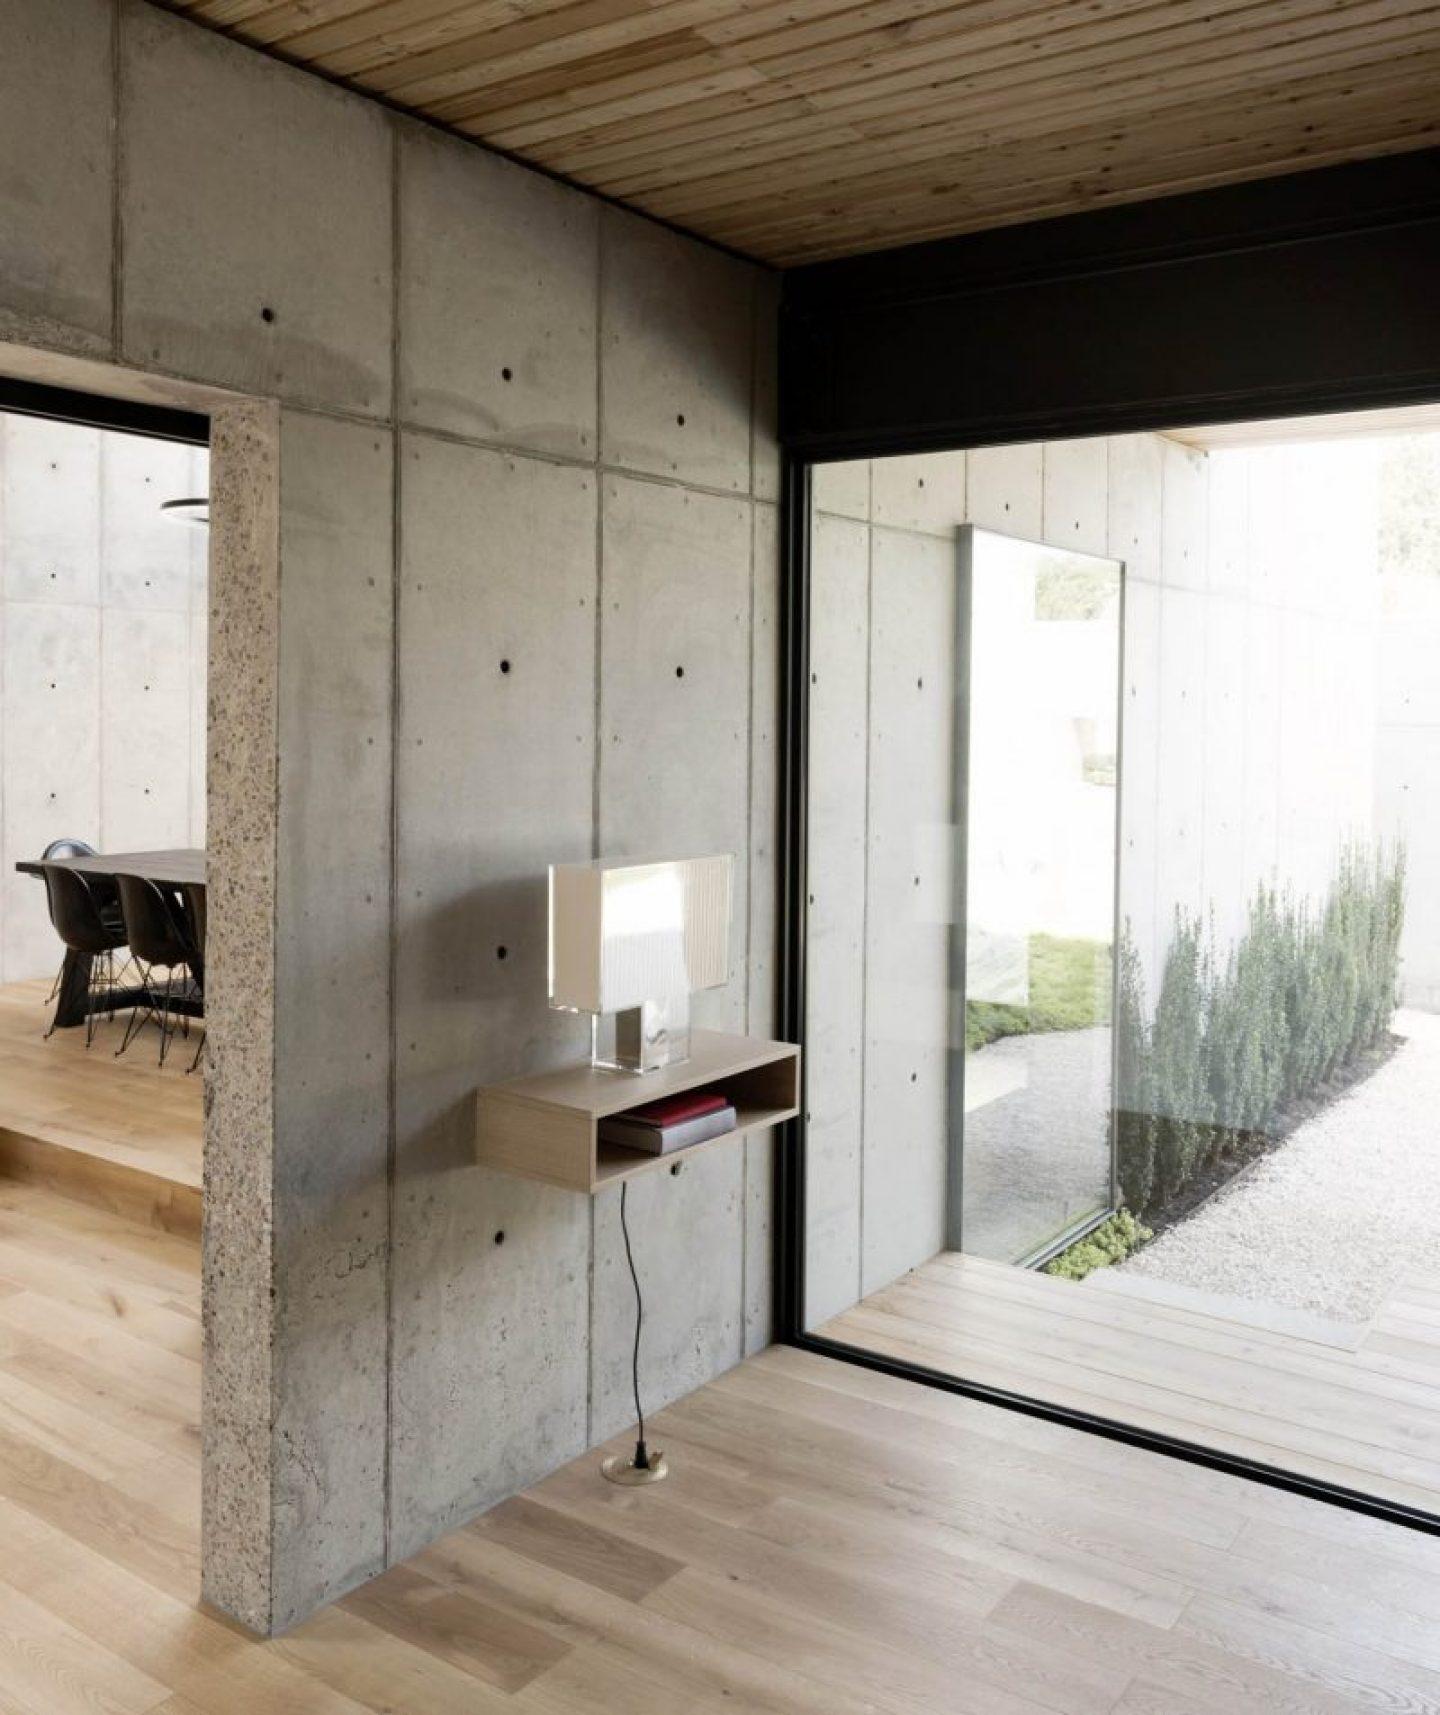 iGNANT_Architecture_Robertson_Design_Concrete_Box_House_14